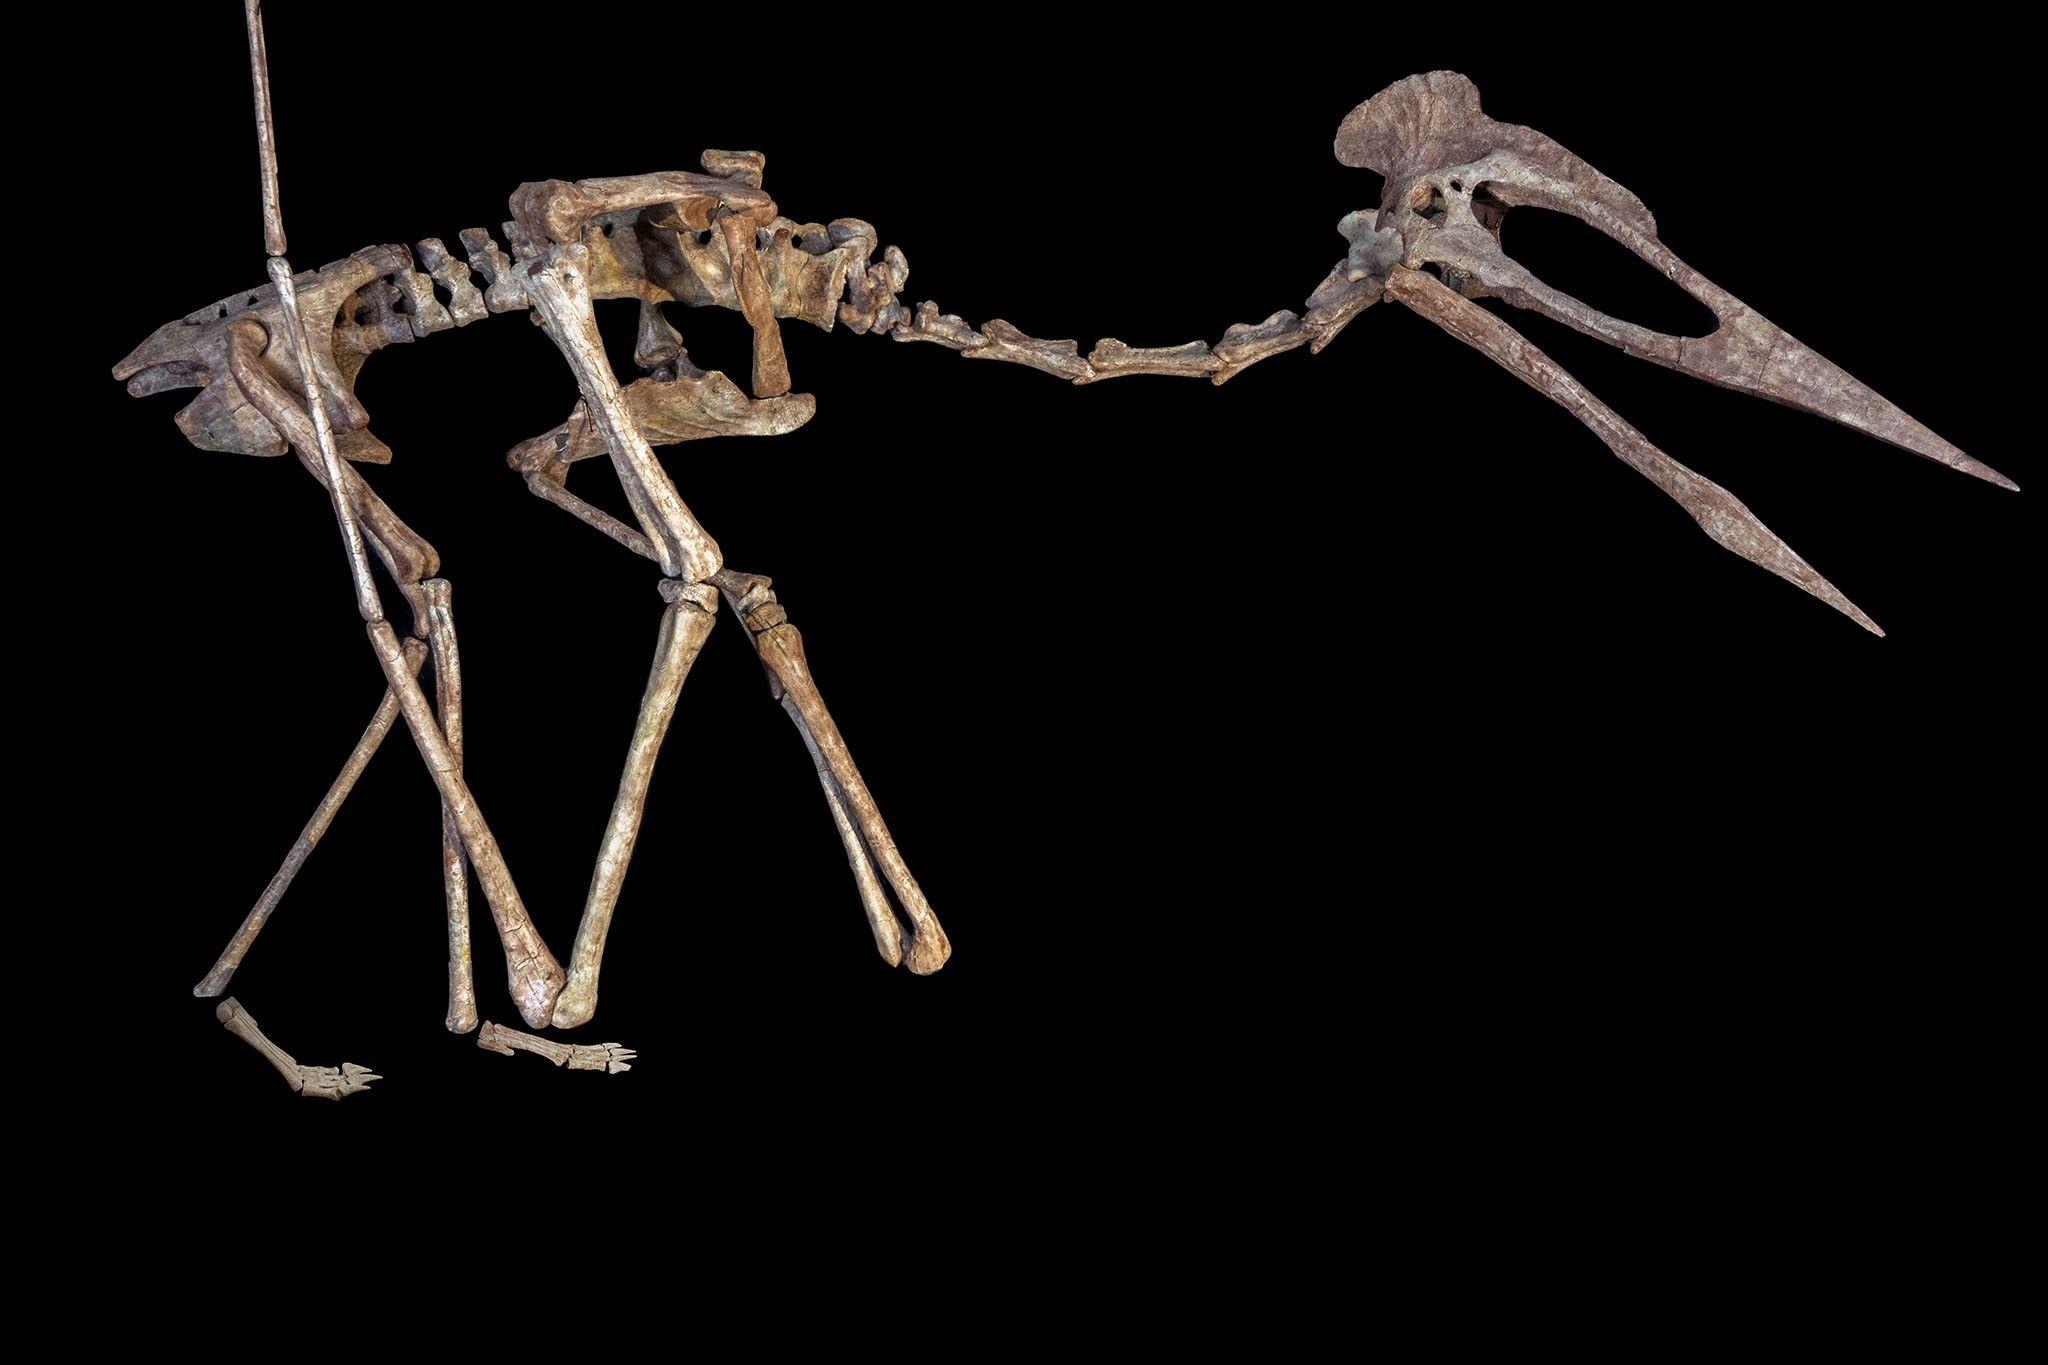 Predador voador primitivo e gigante encontrado na Transilvânia | National Geographic